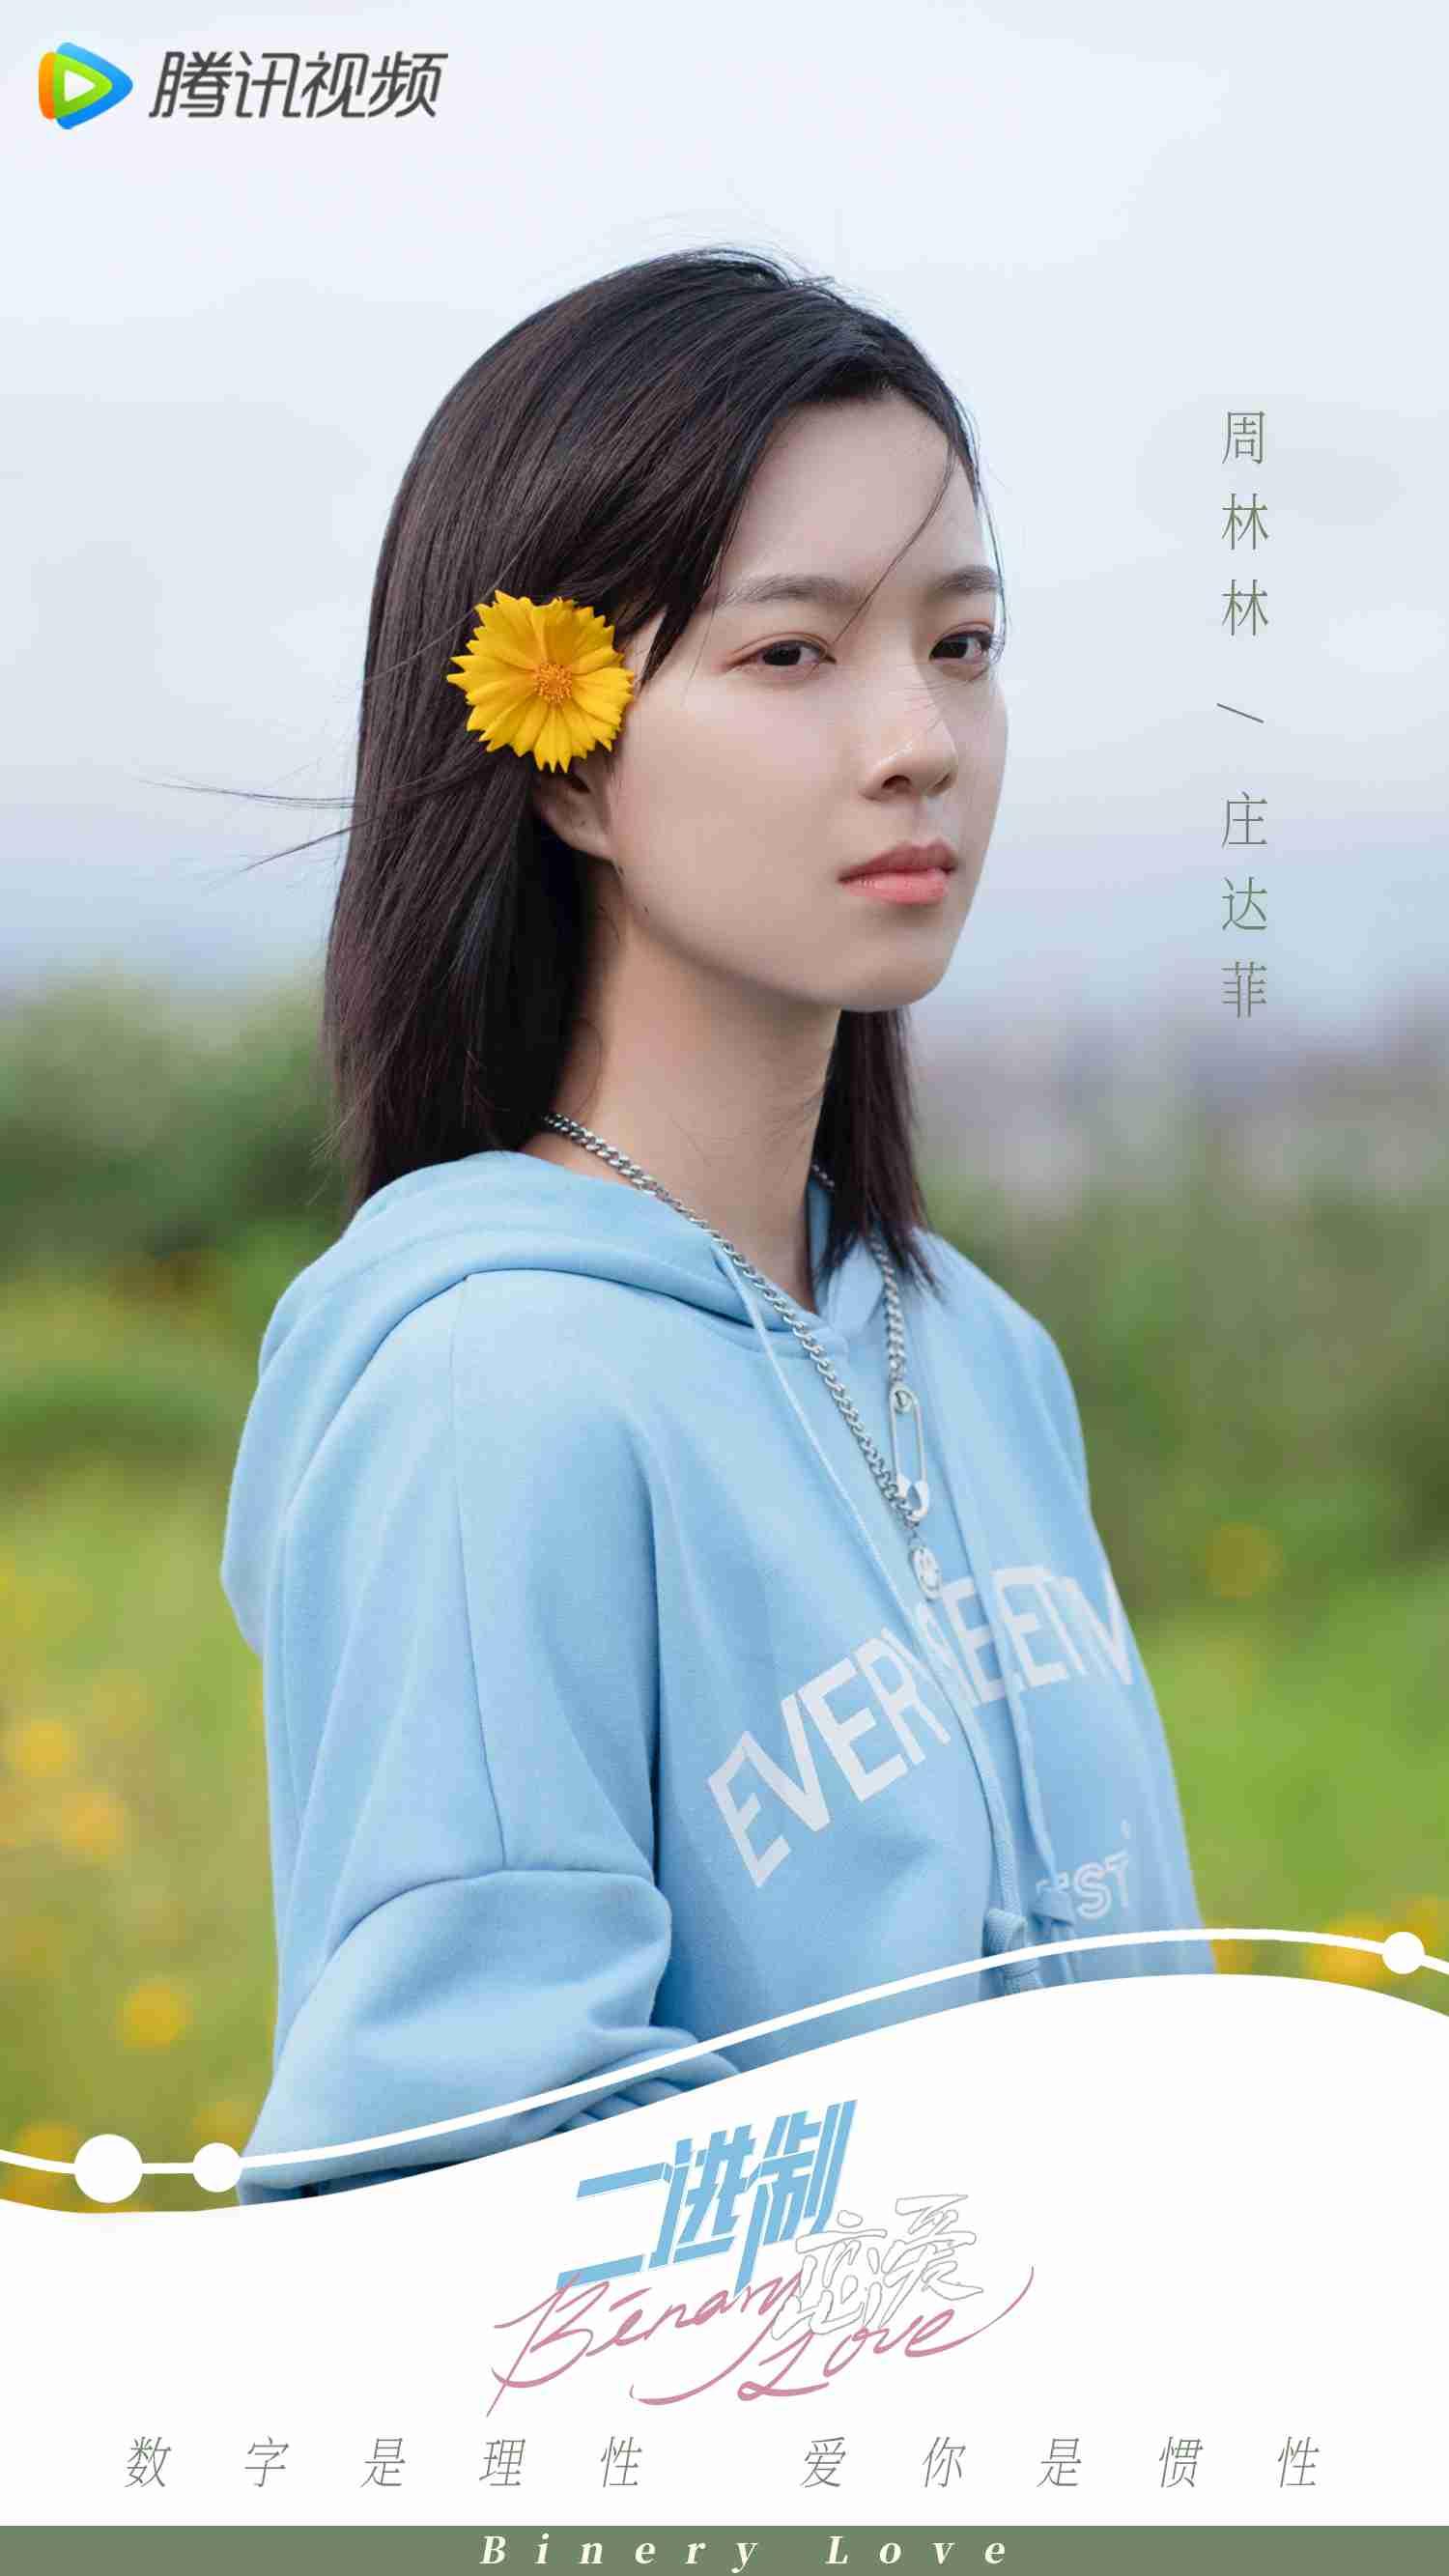 《二进制恋爱》正式杀青庄达菲任雨伦解读学霸成长中的甜宠